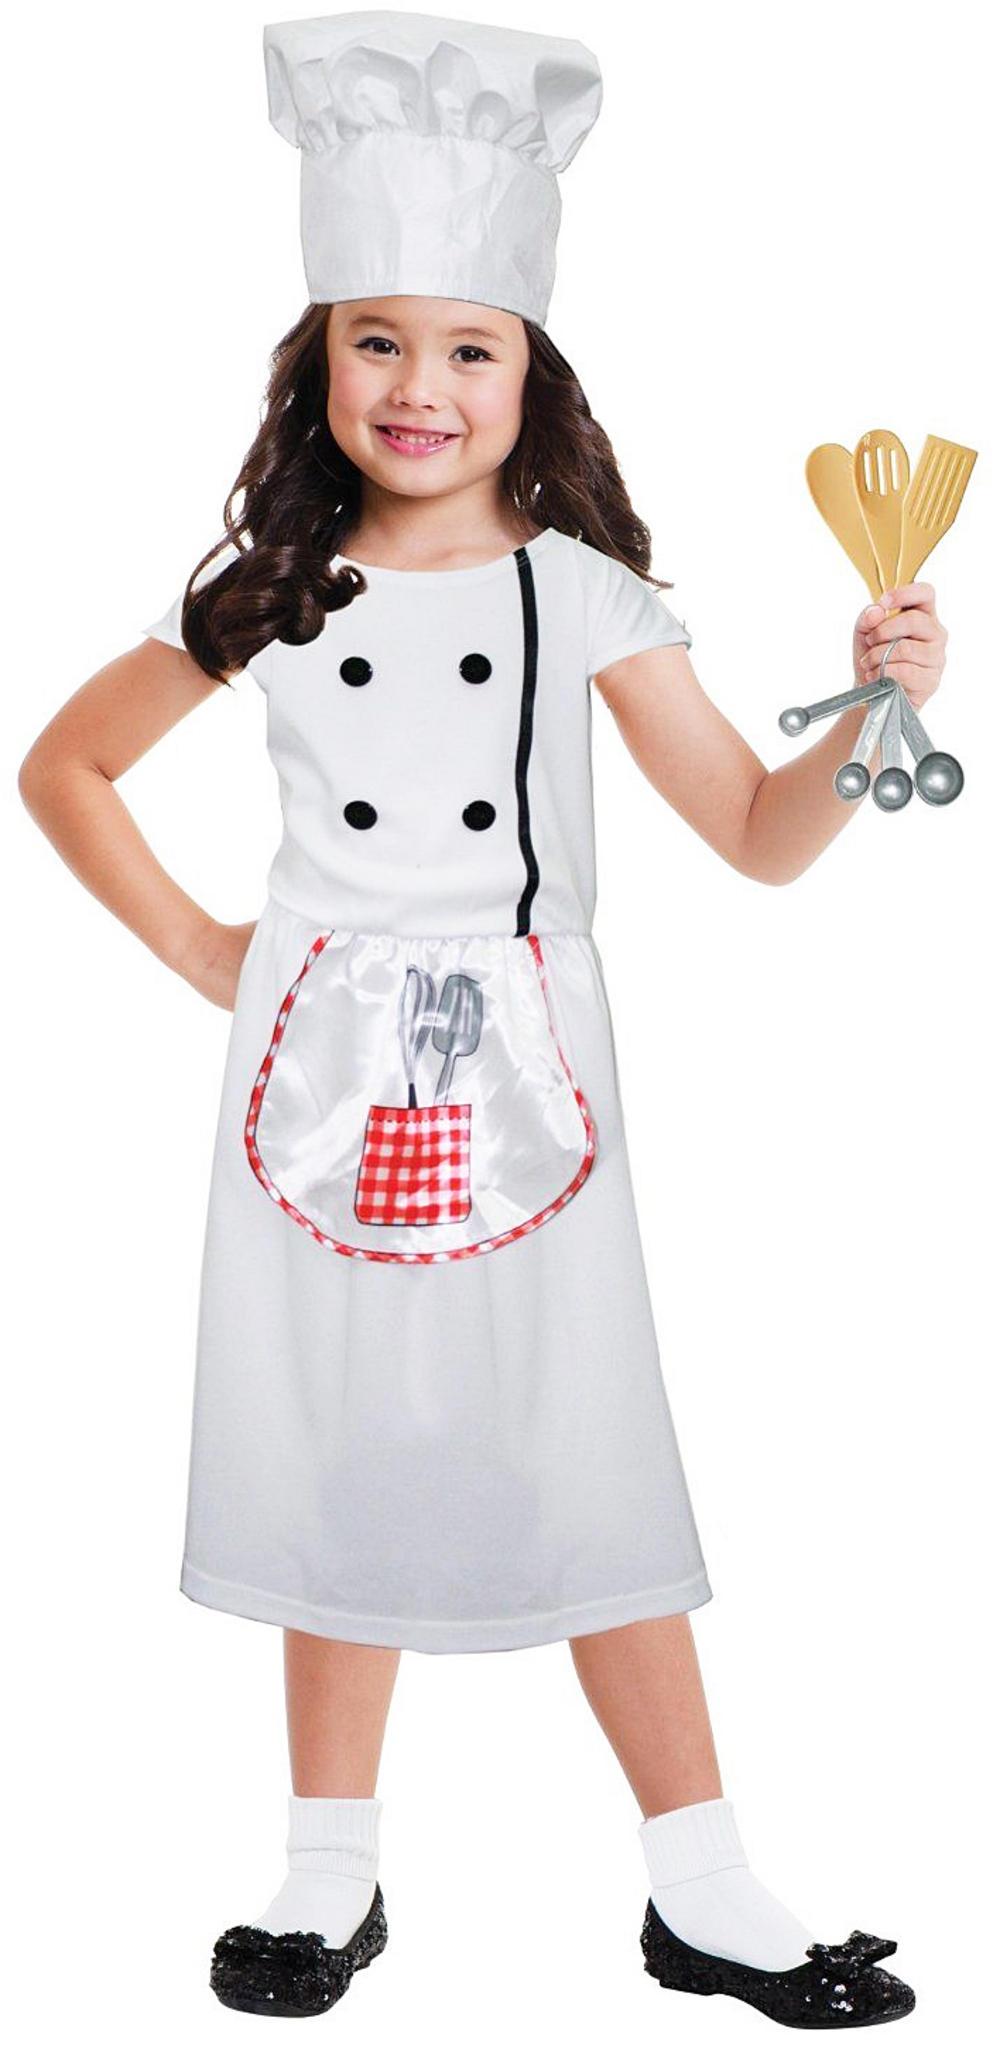 chef roleplay set girl 39 s world book day fancy dress costumes mega fancy dress. Black Bedroom Furniture Sets. Home Design Ideas